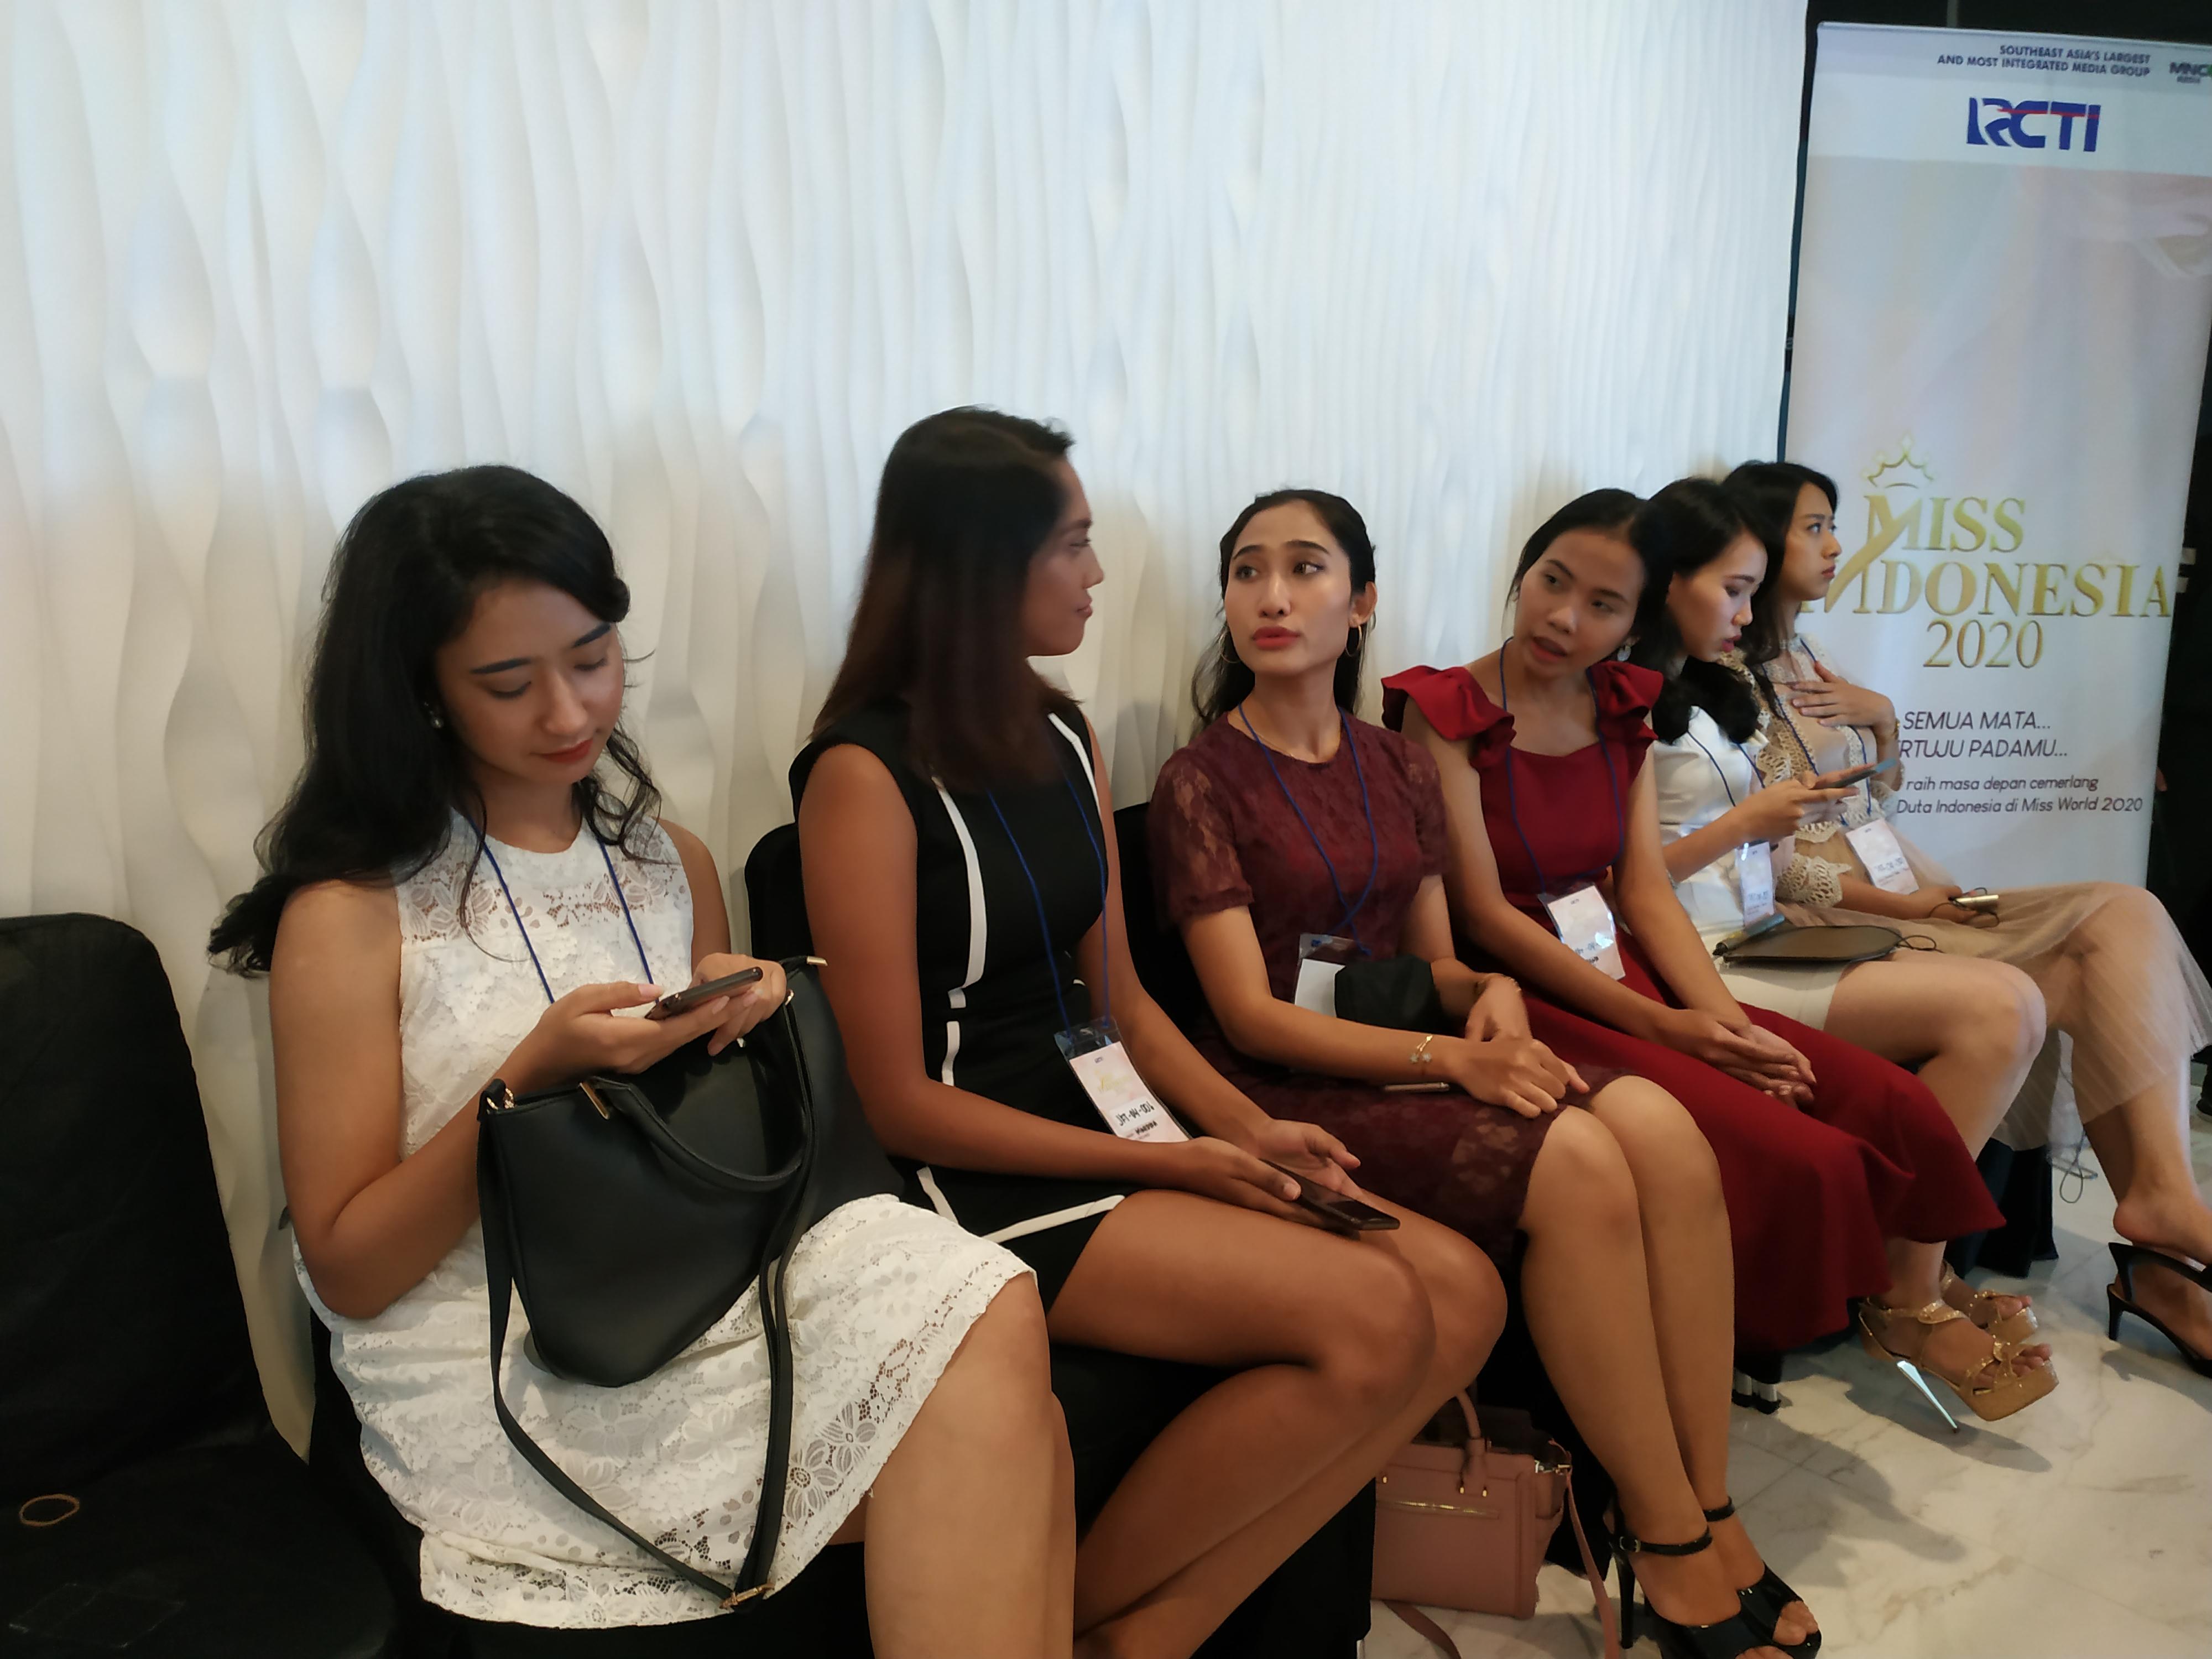 Persaingan Peserta Cukup Tinggi Di Audisi Jakarta Miss Indonesia 2020